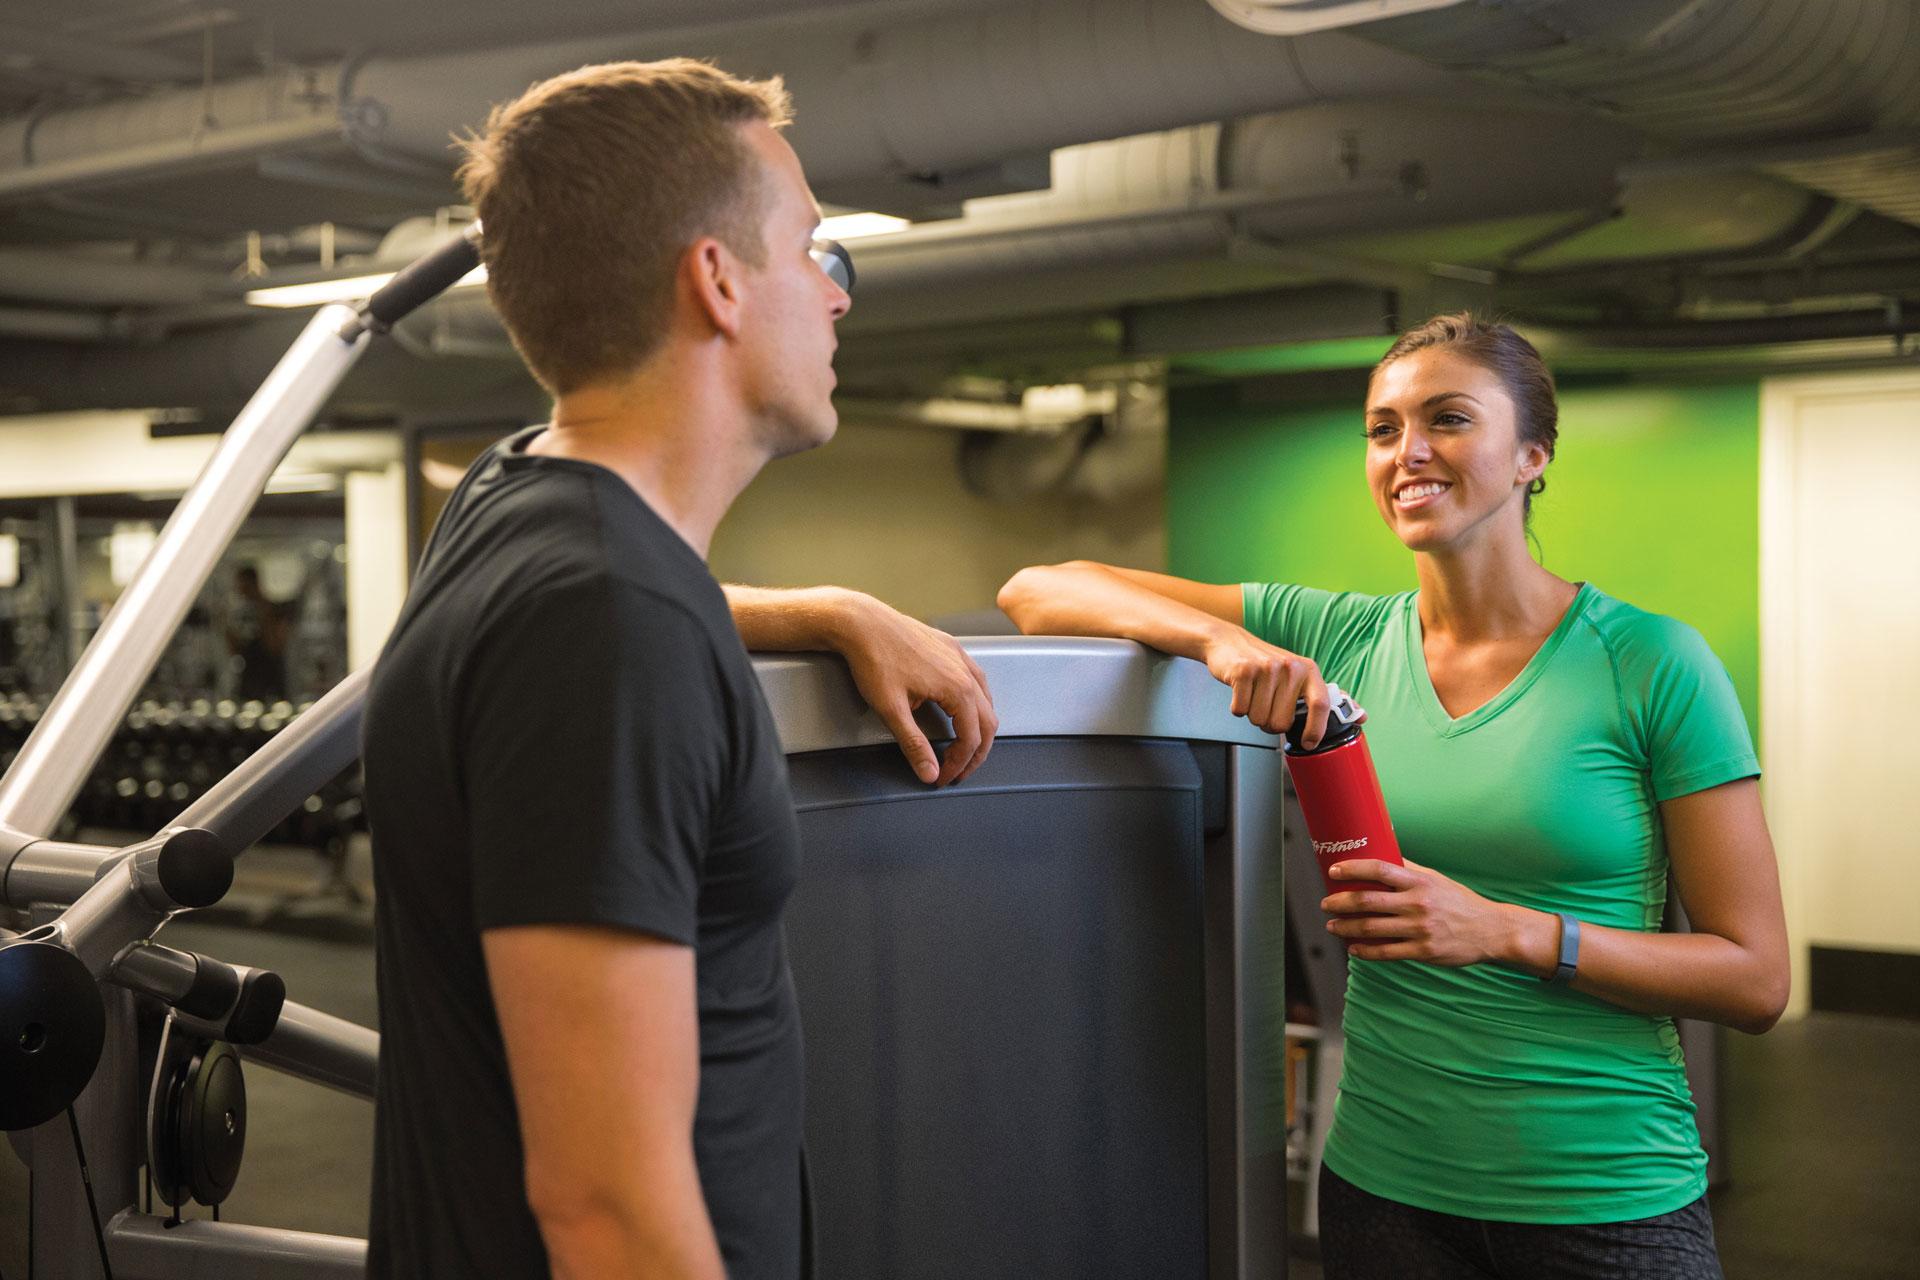 profesjonalna siłownia jak otworzyć